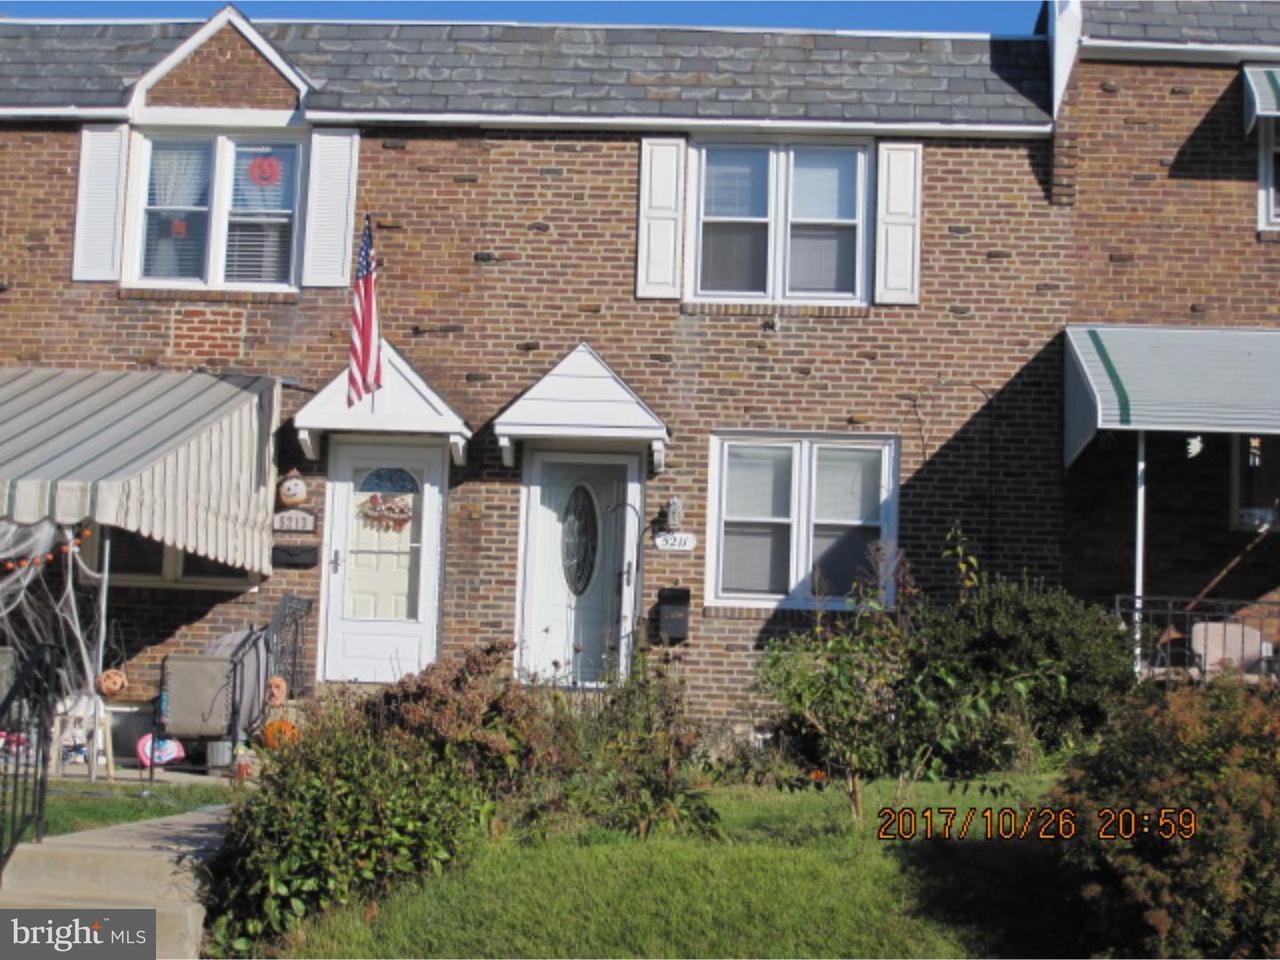 联栋屋 为 出租 在 5211 WESTBROOK Drive Clifton Heights, 宾夕法尼亚州 19018 美国